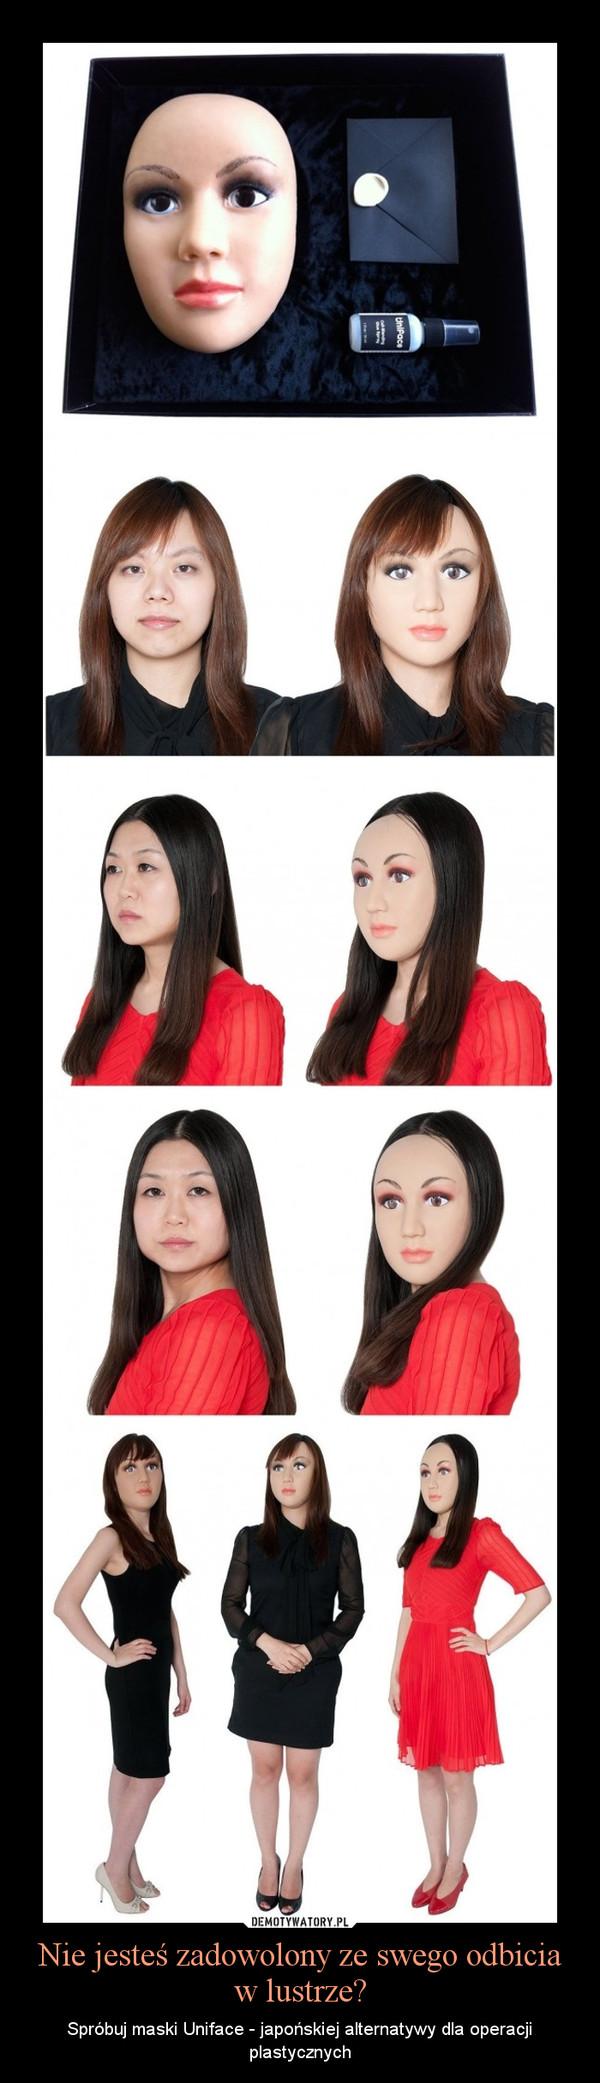 Nie jesteś zadowolony ze swego odbicia w lustrze? – Spróbuj maski Uniface - japońskiej alternatywy dla operacji plastycznych